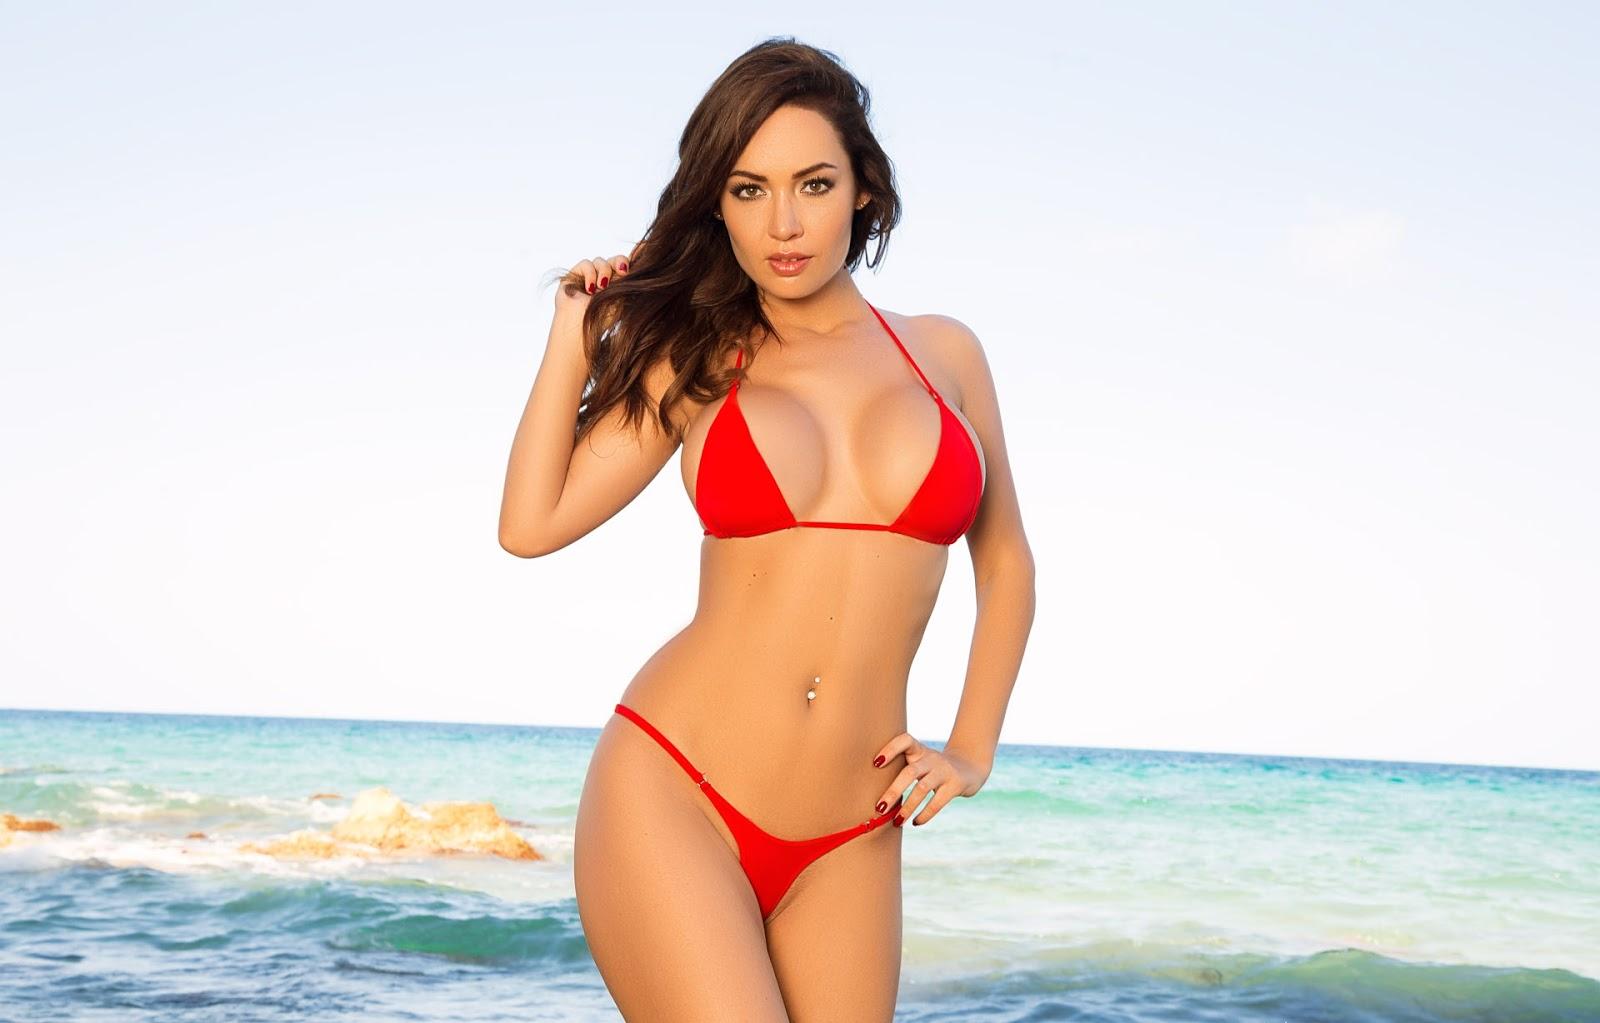 striptease solo playboy girls adrienn levai in sandy booty